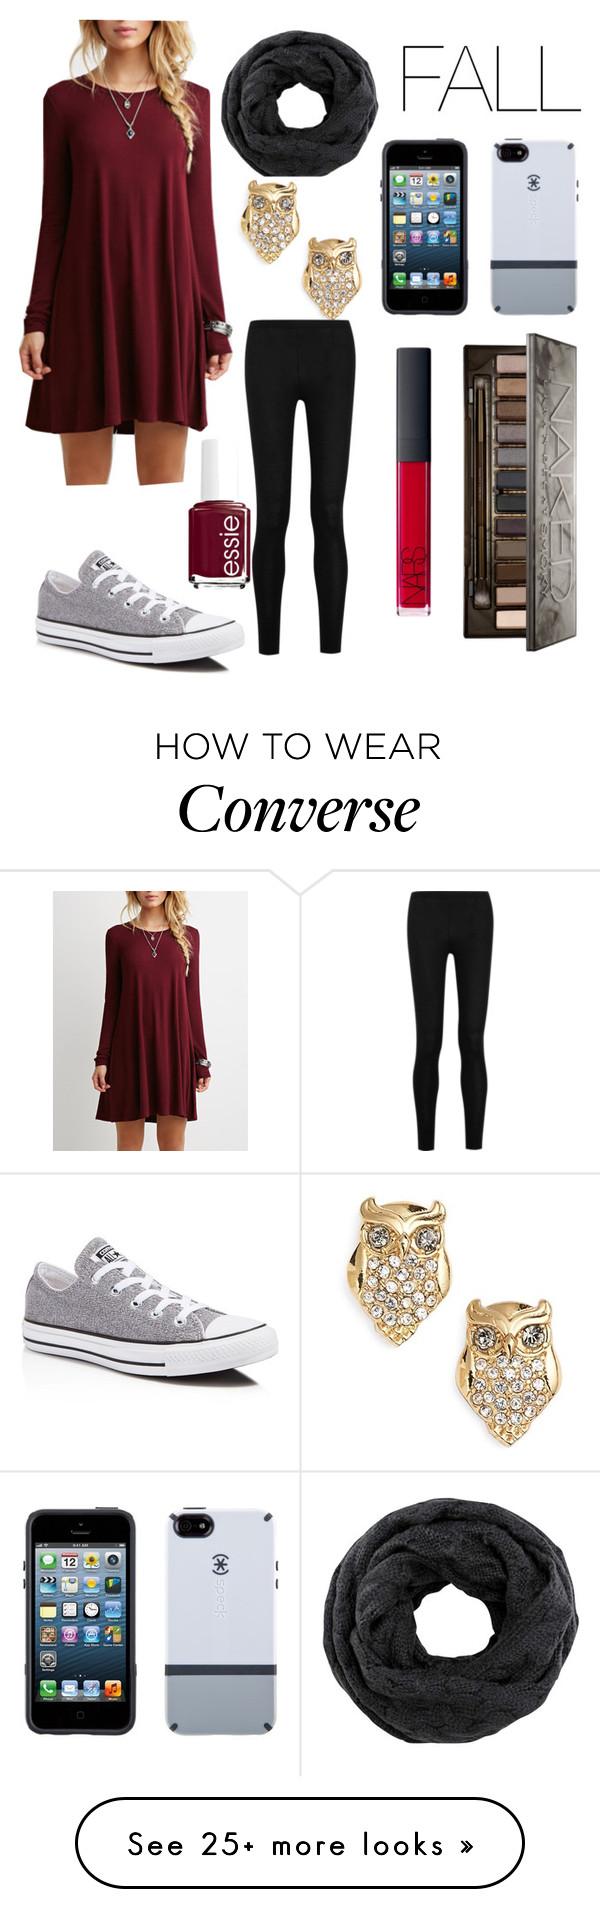 converse blazer donna